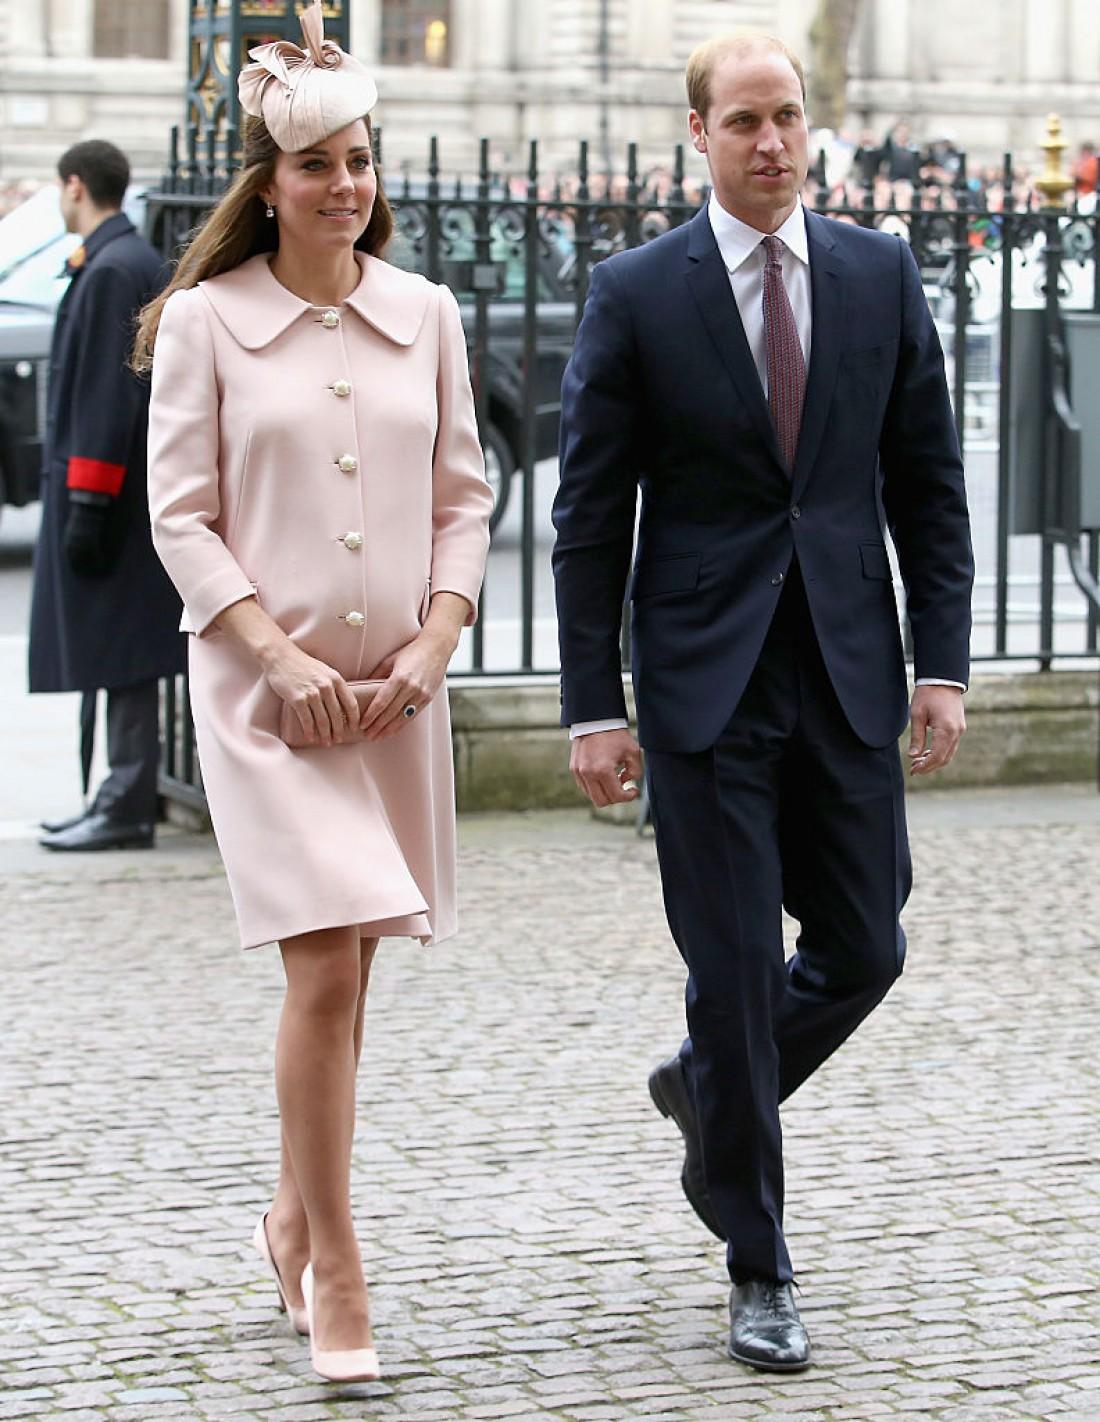 Кейт Миддлтон (беременная Шарлоттой) и принц Уильям